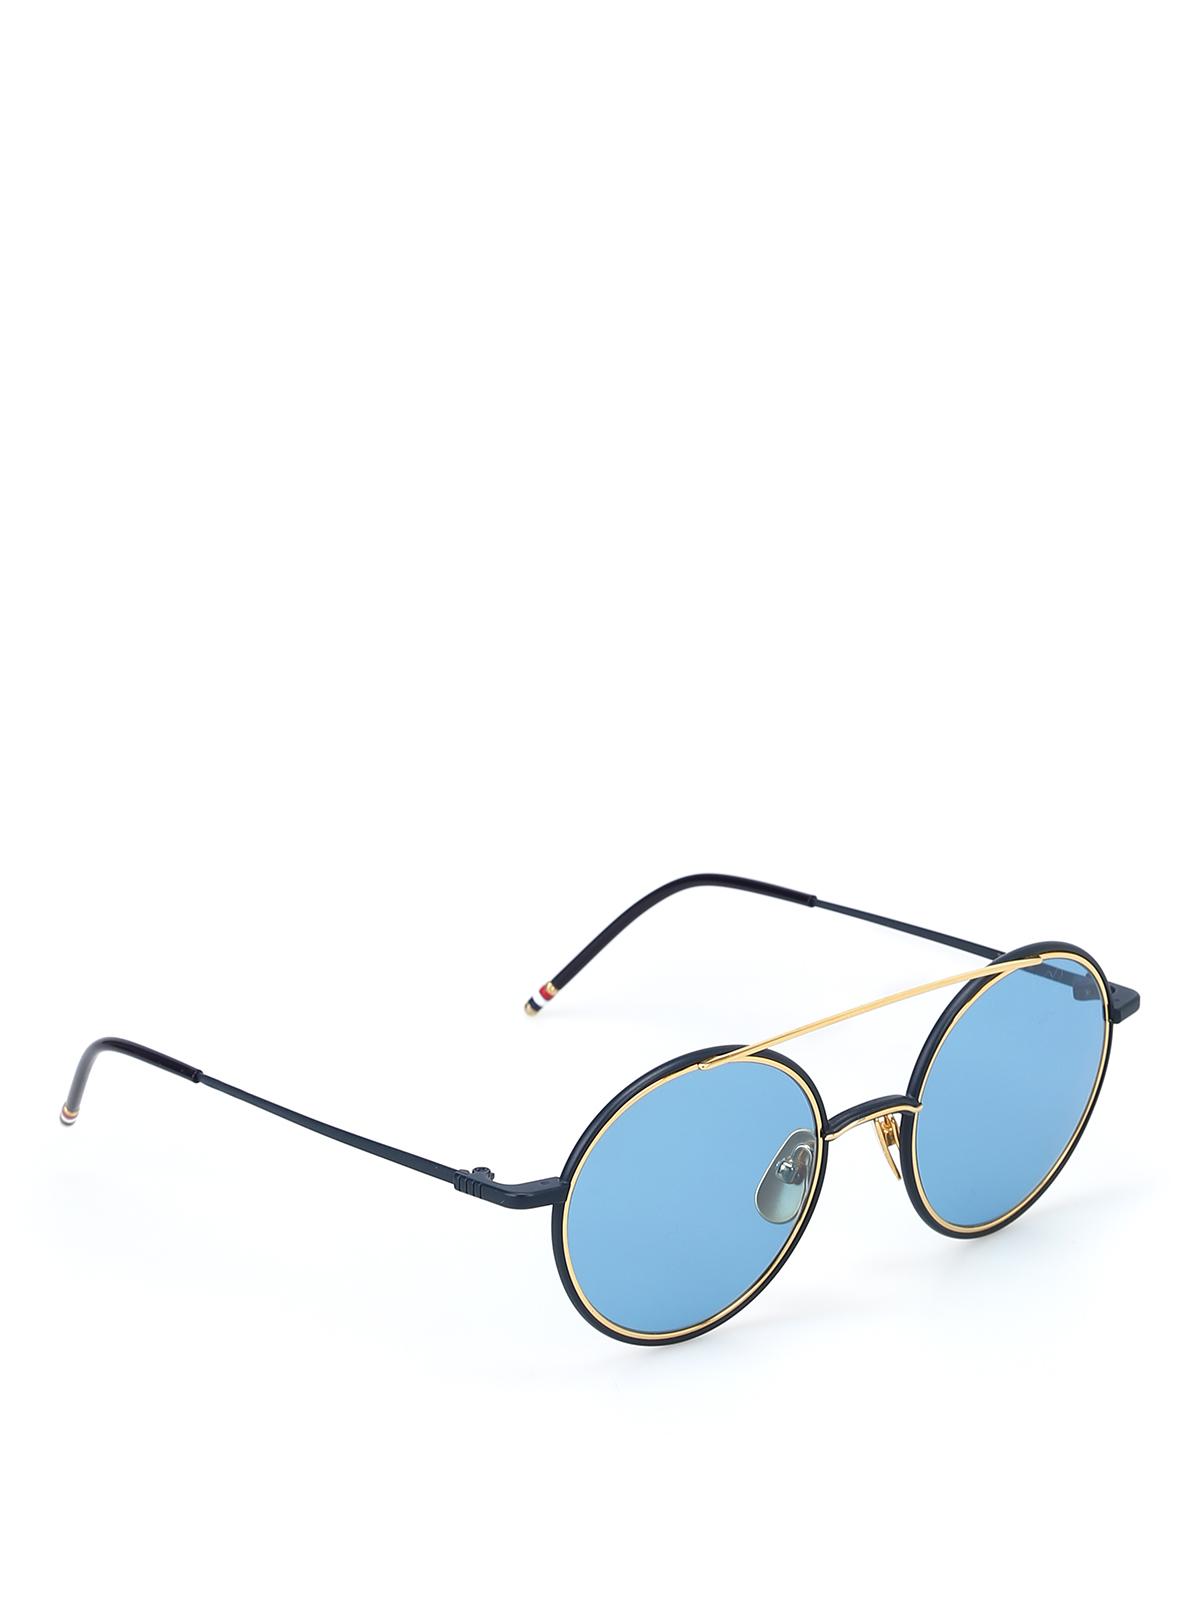 ciao occhiali sole blu HTjgMNu6VV